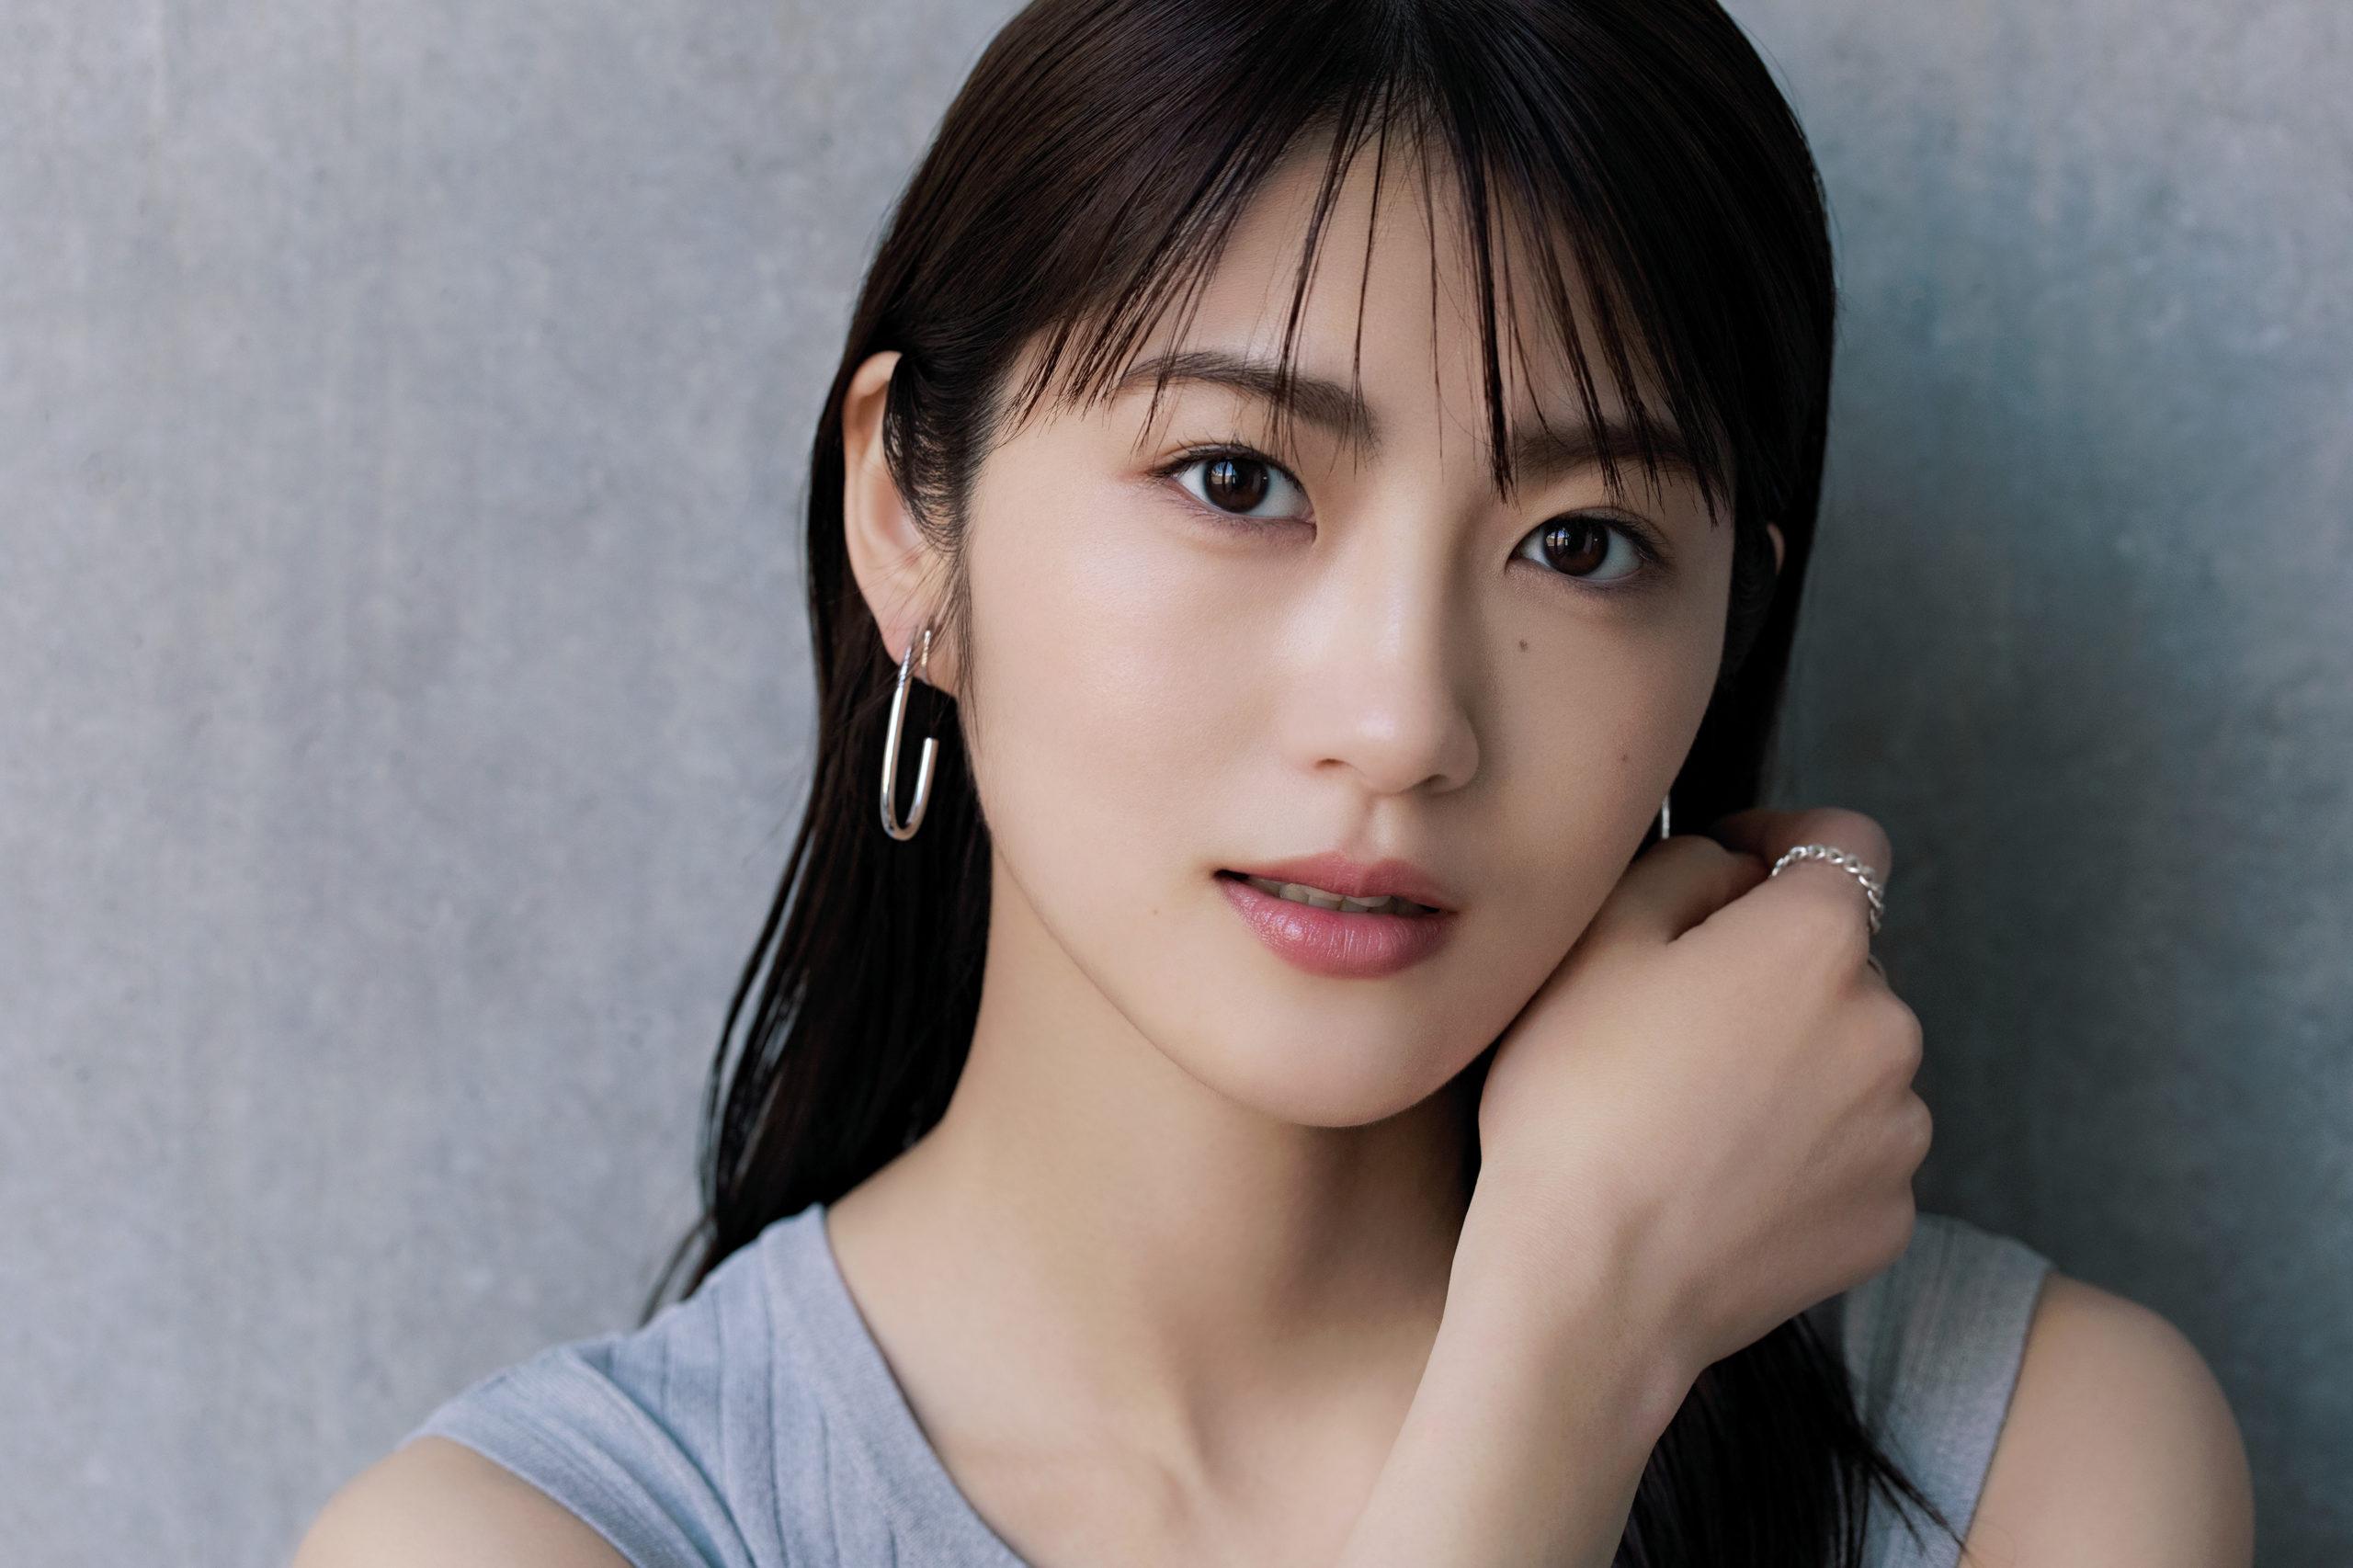 若月佑美(わかつき ゆみ)女優